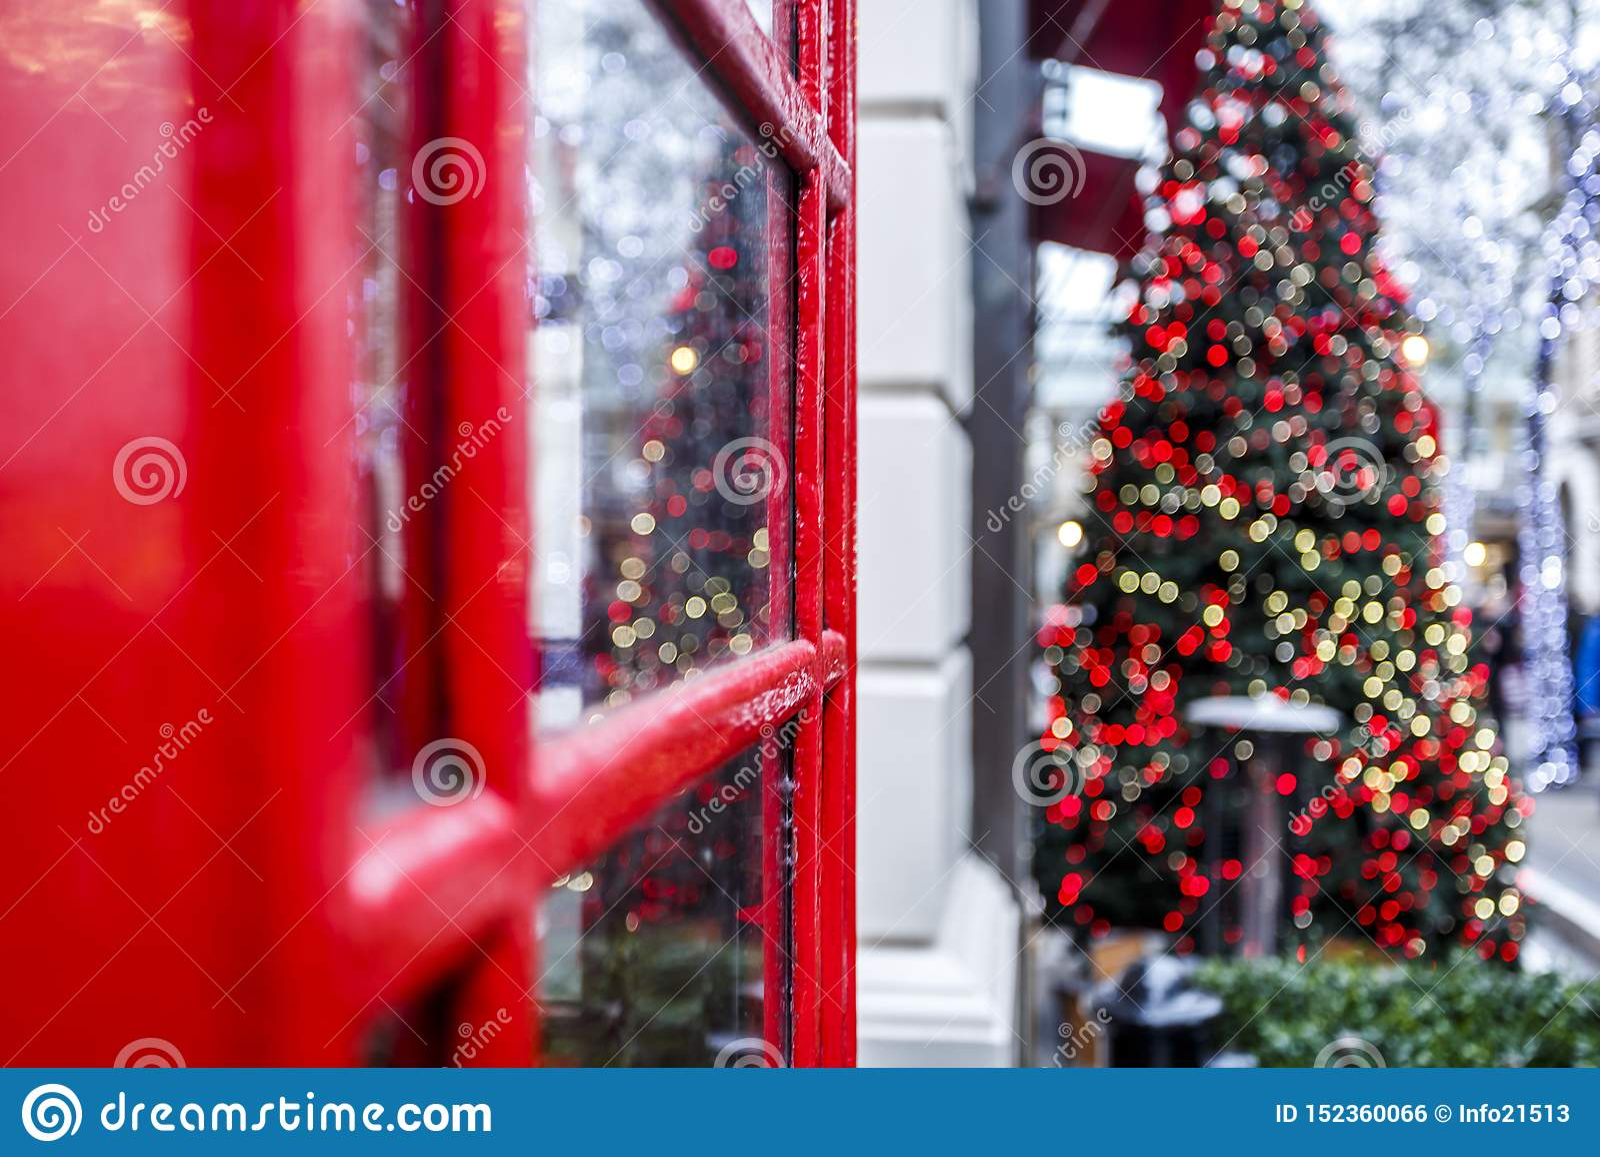 Roter Telefonkasten Londons und Weihnachtsbaum